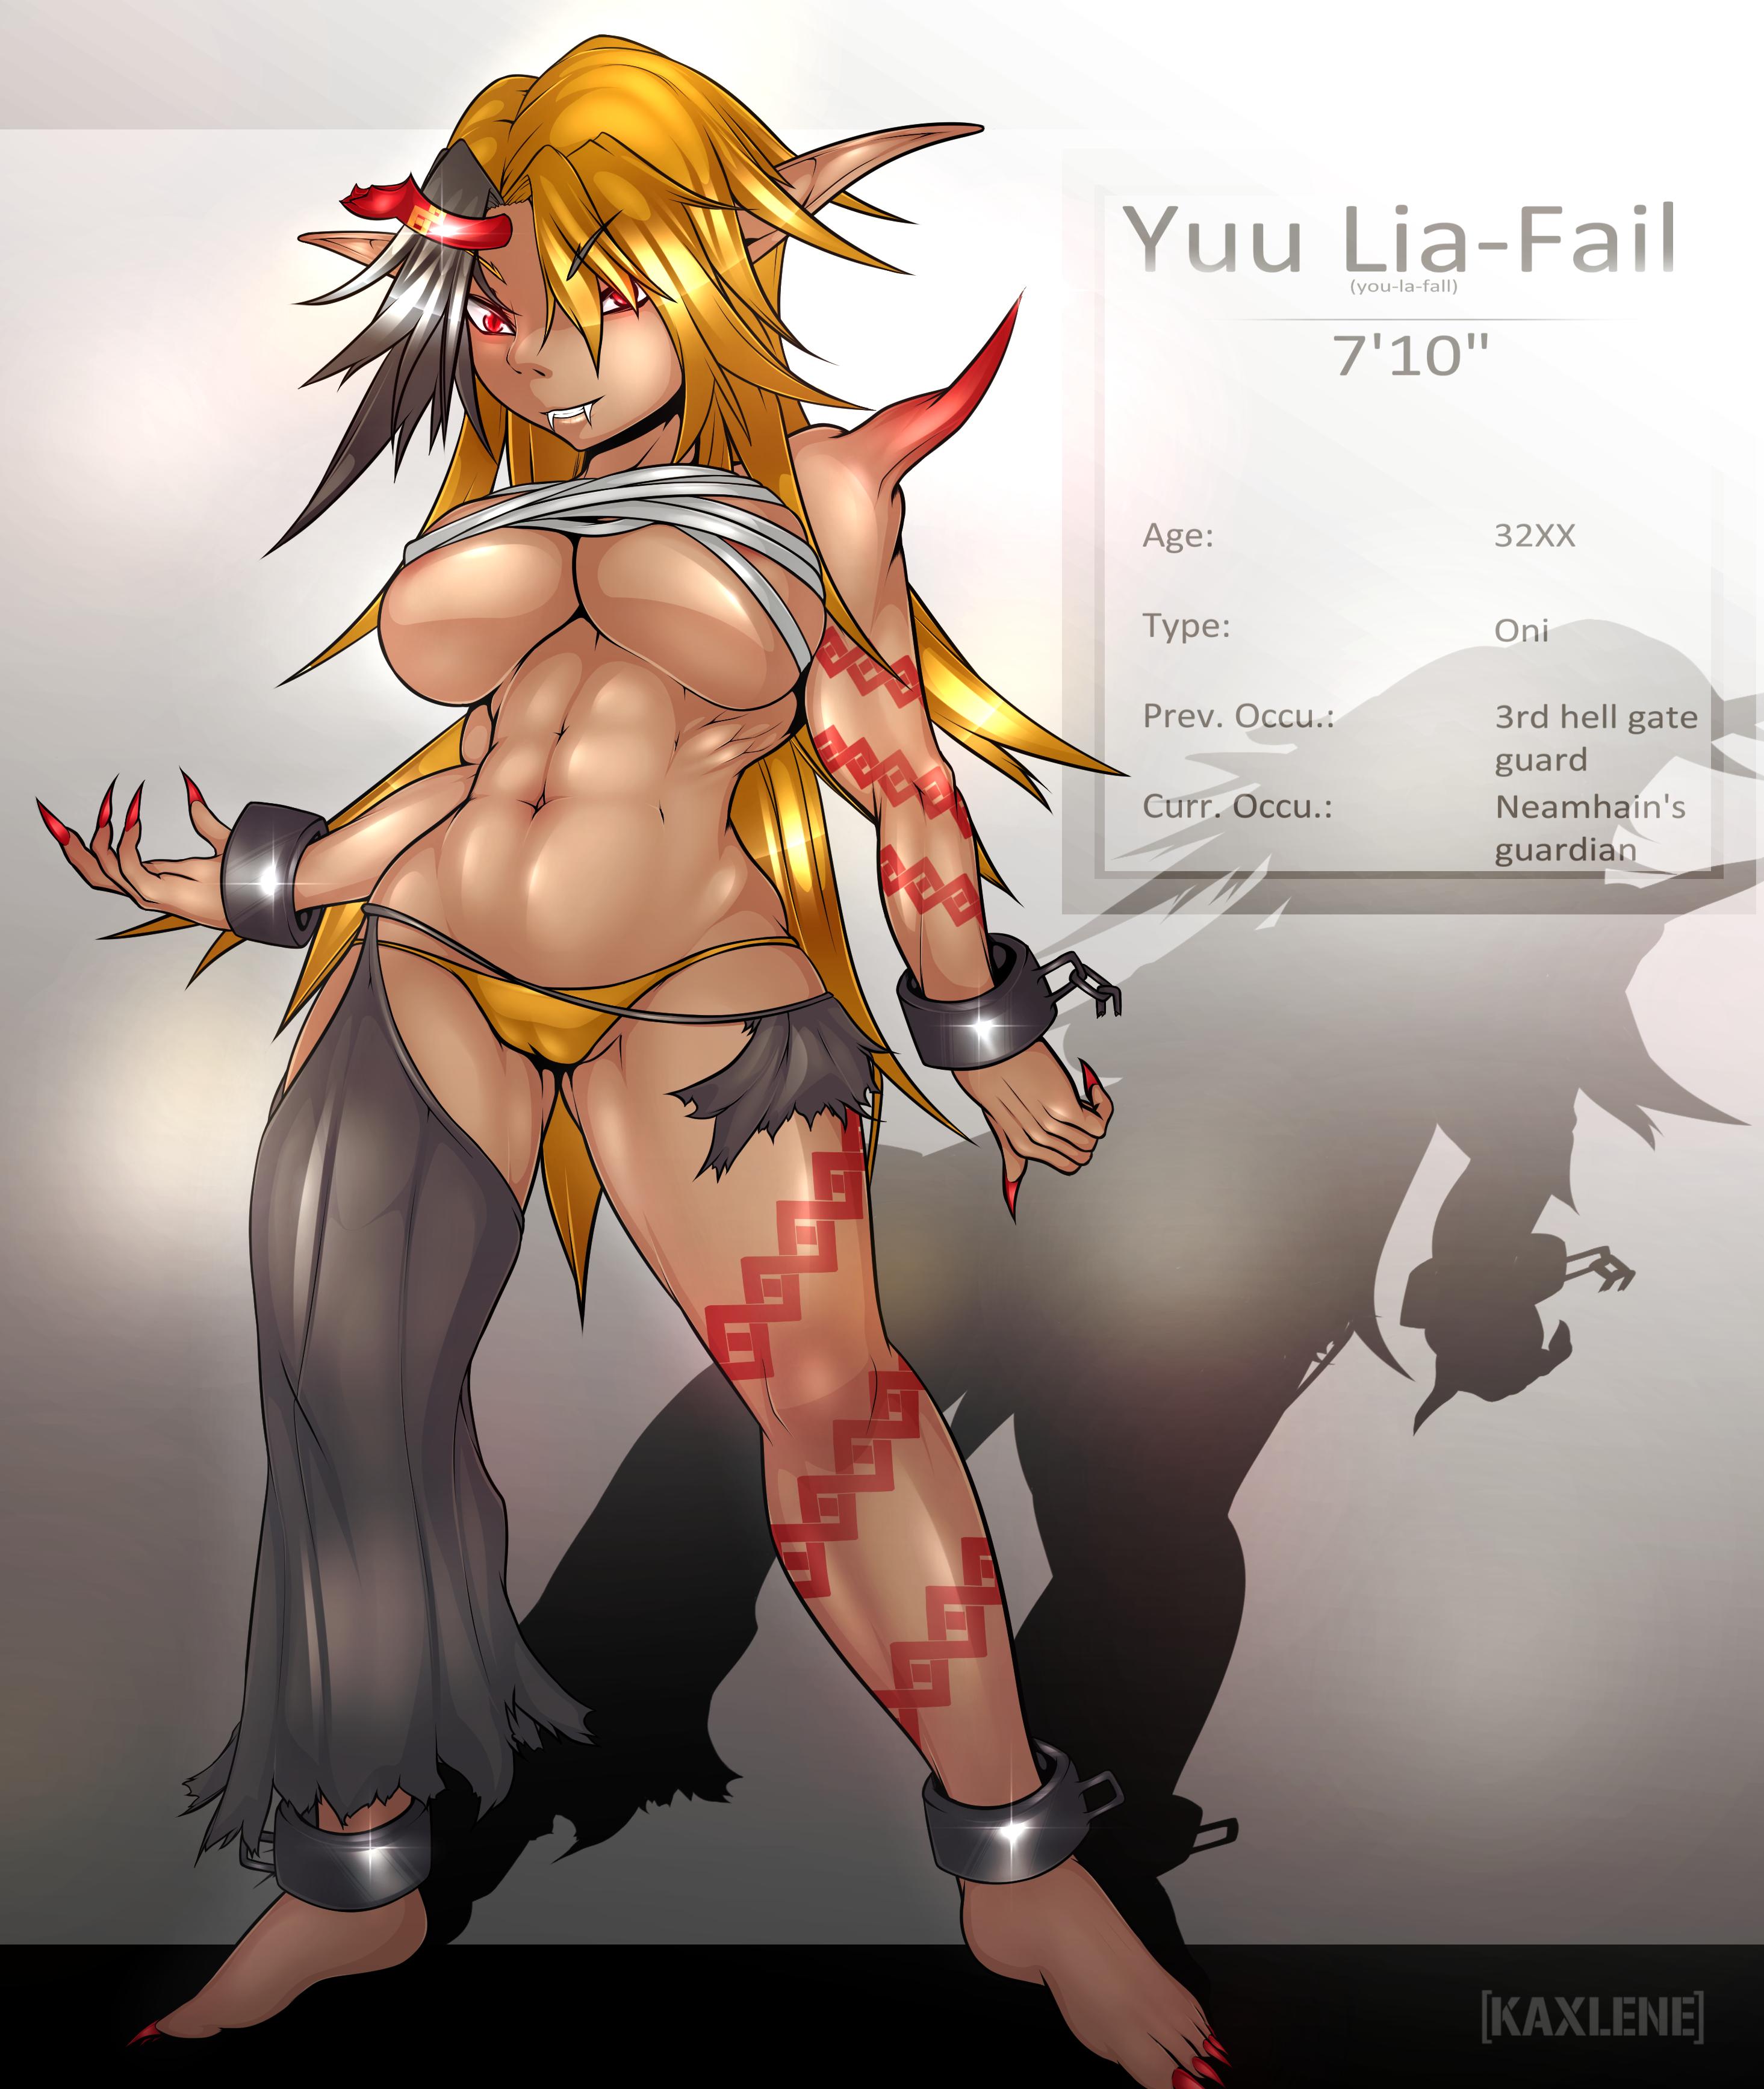 Yuu Lia-Fail